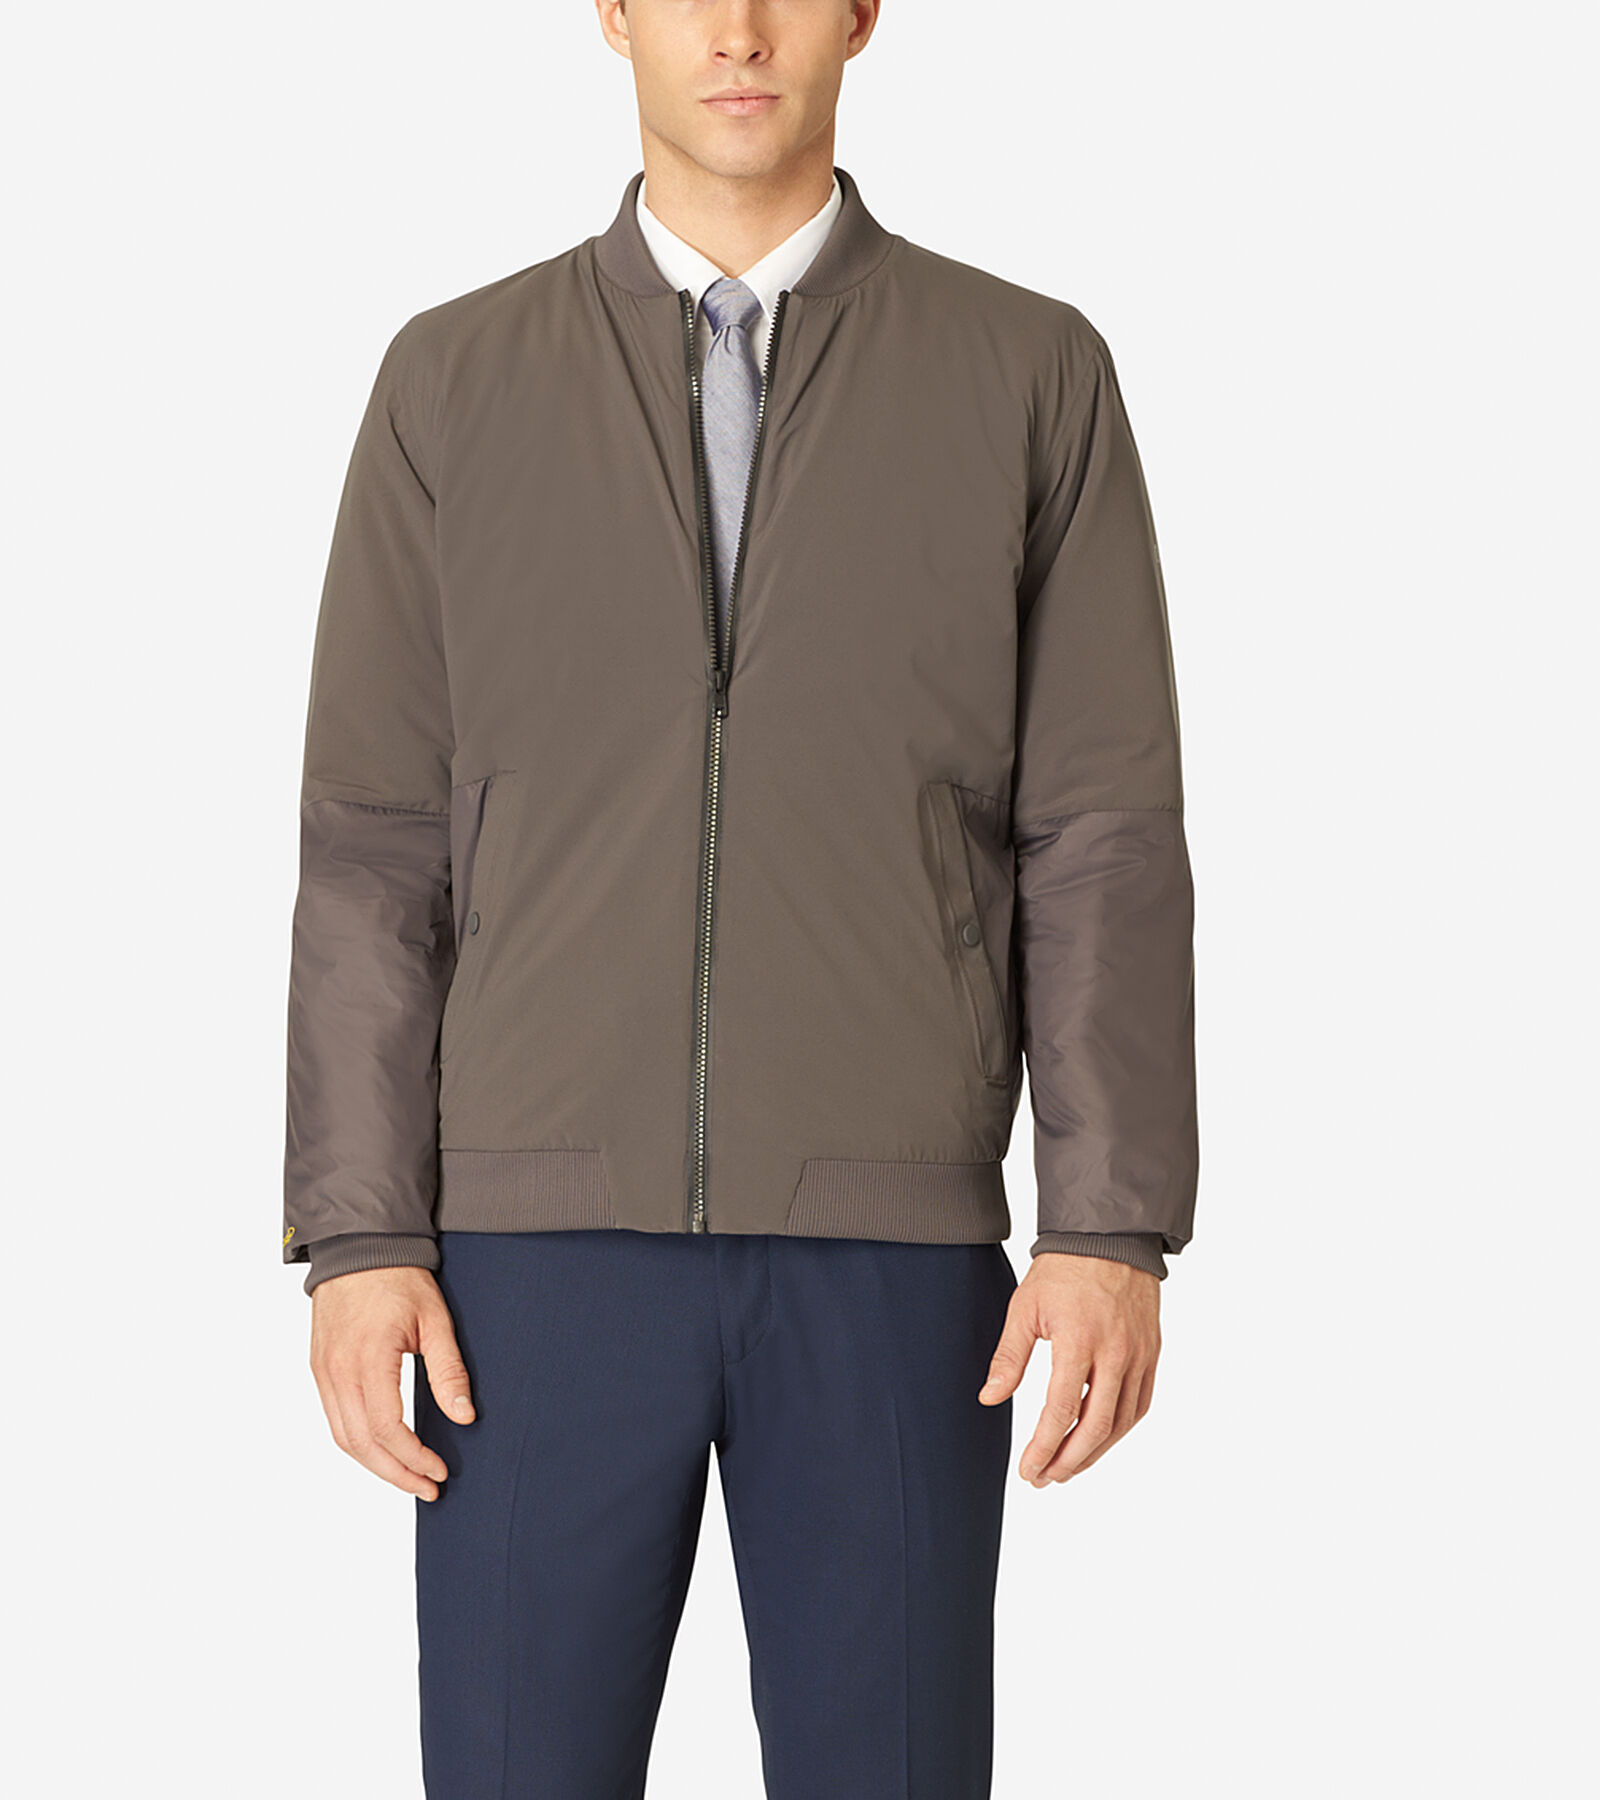 Brown Formal Jacket